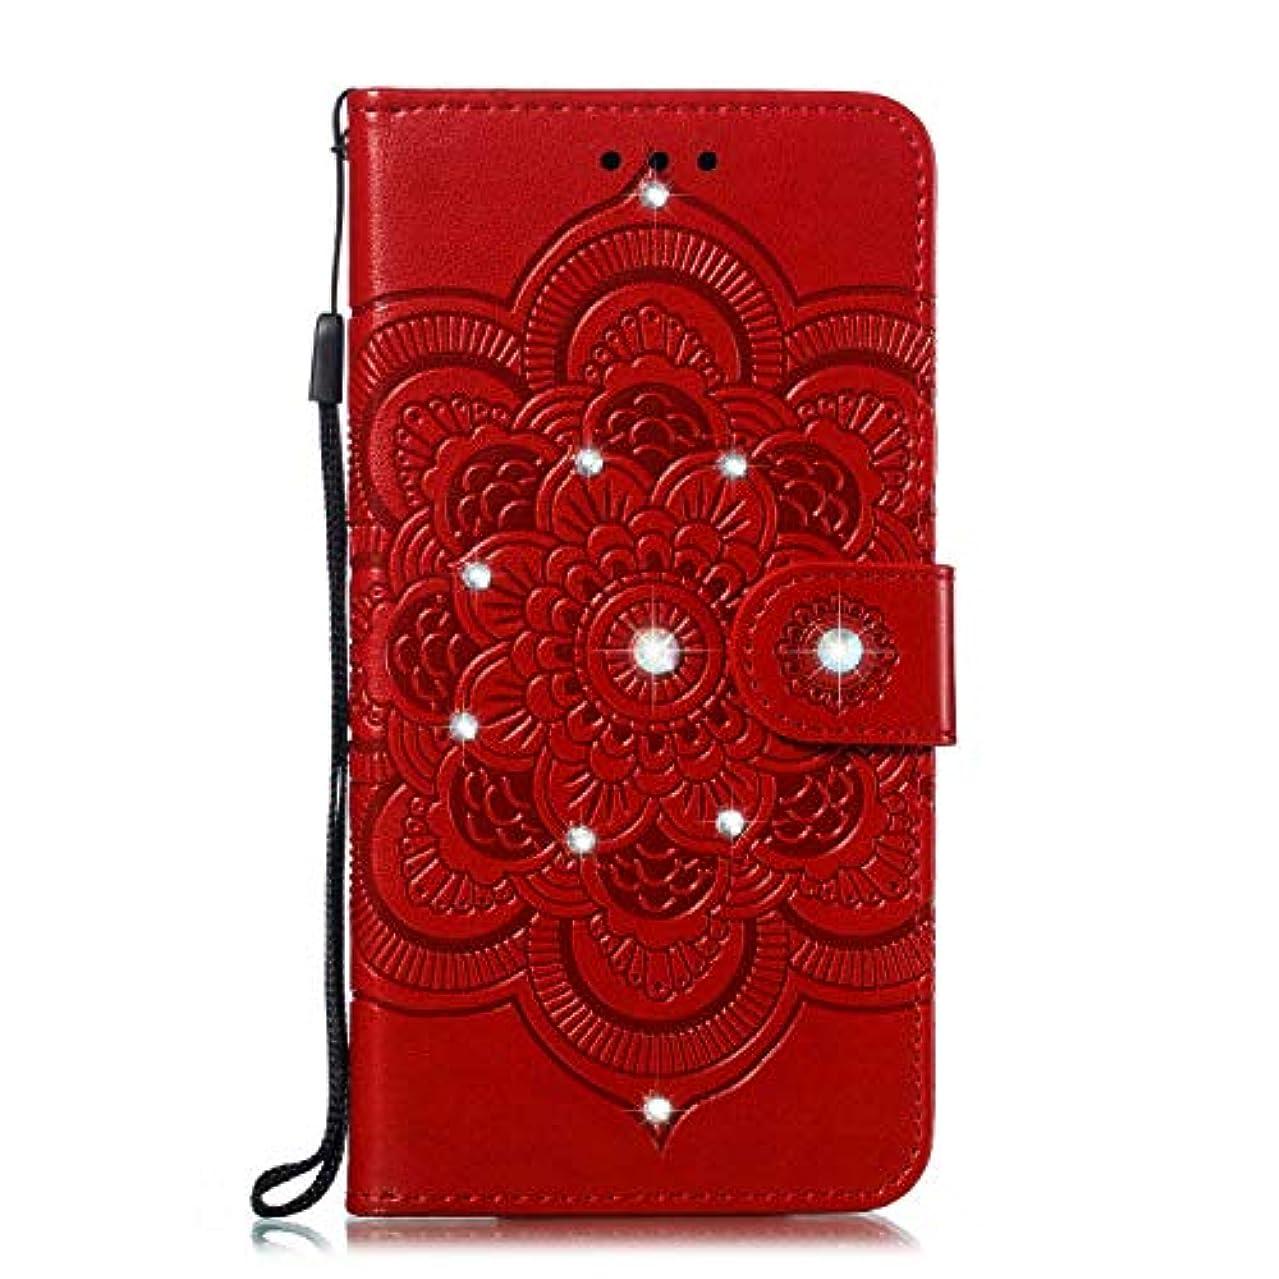 ゾーン領収書追加するCUNUS 高品質 合皮レザー ケース Huawei Honor 10 用, 防塵 ケース, 軽量 スタンド機能 耐汚れ カード収納 カバー, レッド